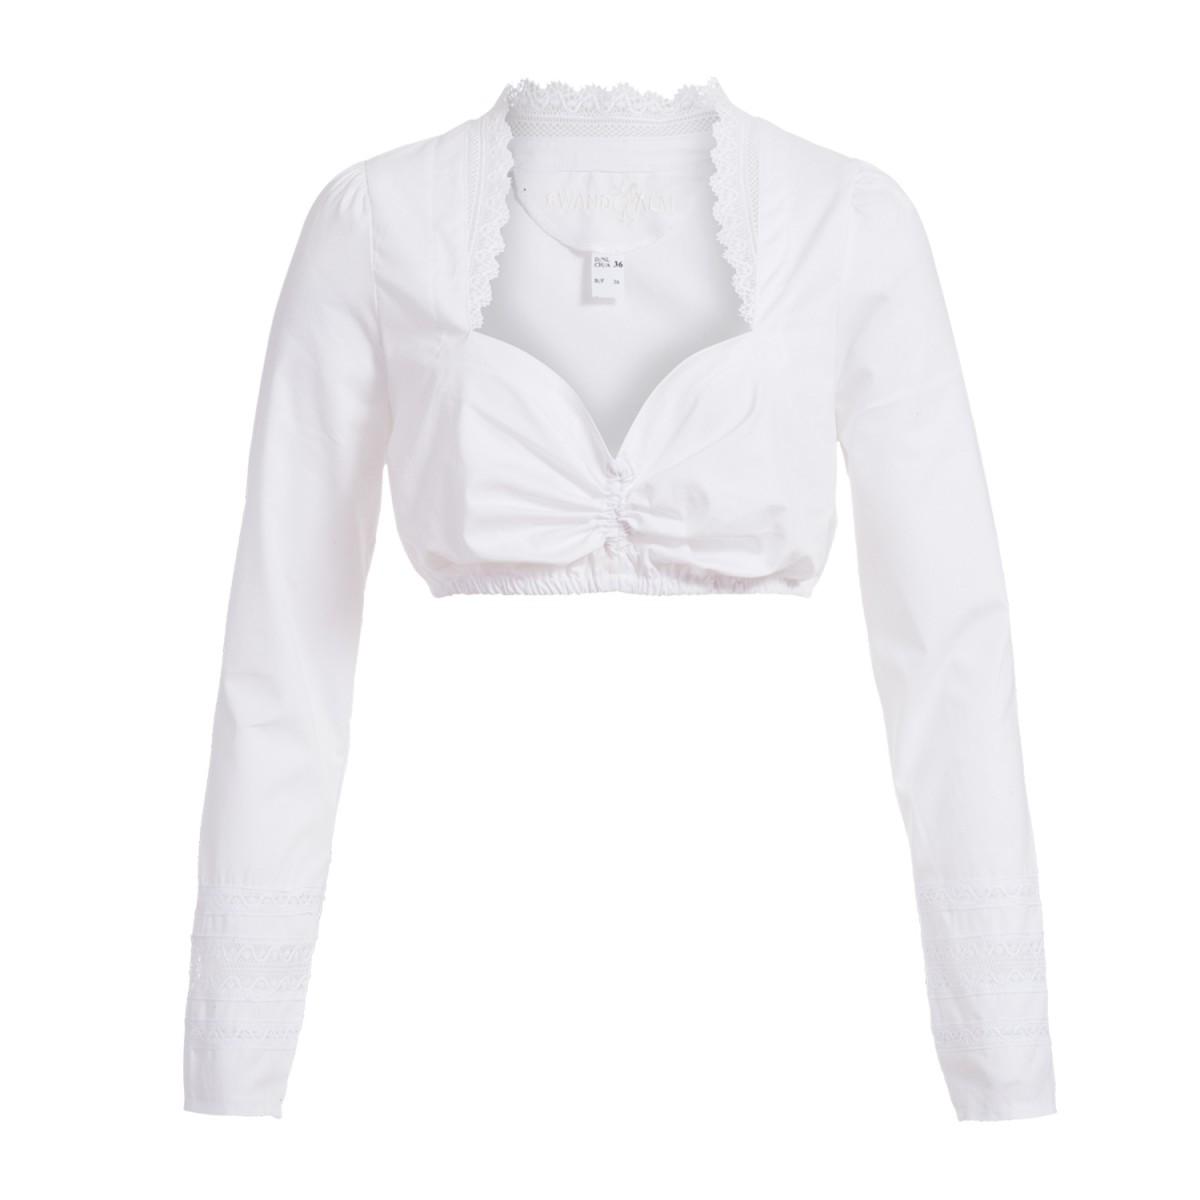 Dirndlbluse Babette in Weiß von Gwandlalm günstig online kaufen